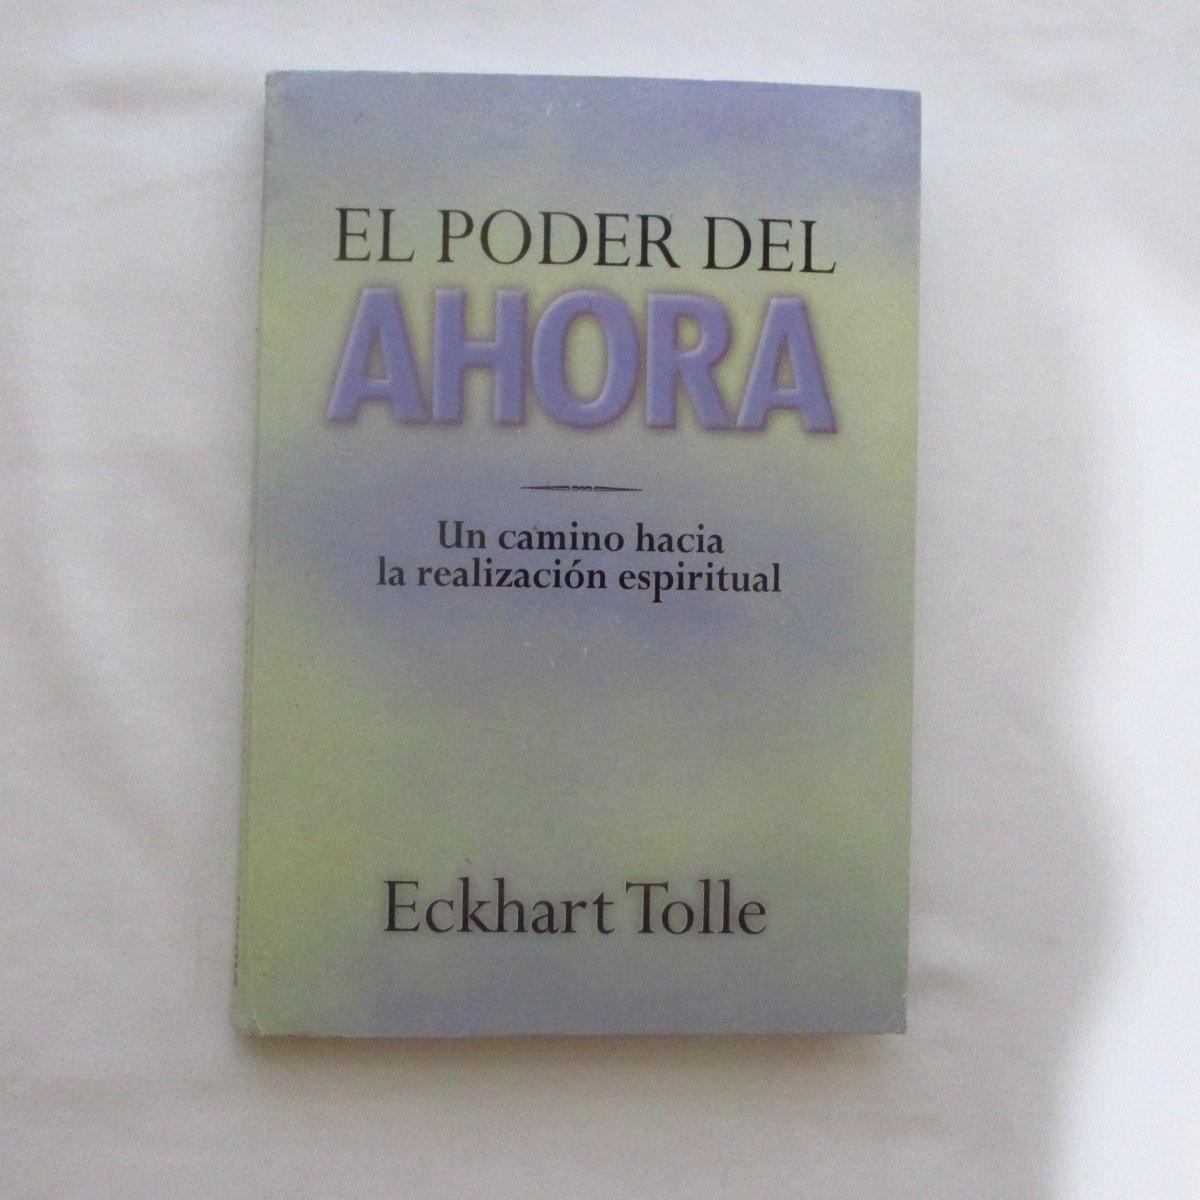 El Poder Del Ahora: Un Camino Hacia La Realizacion Espiritual: Amazon.es:  Eckhart Tolle, Margarita Matarranz: Libros